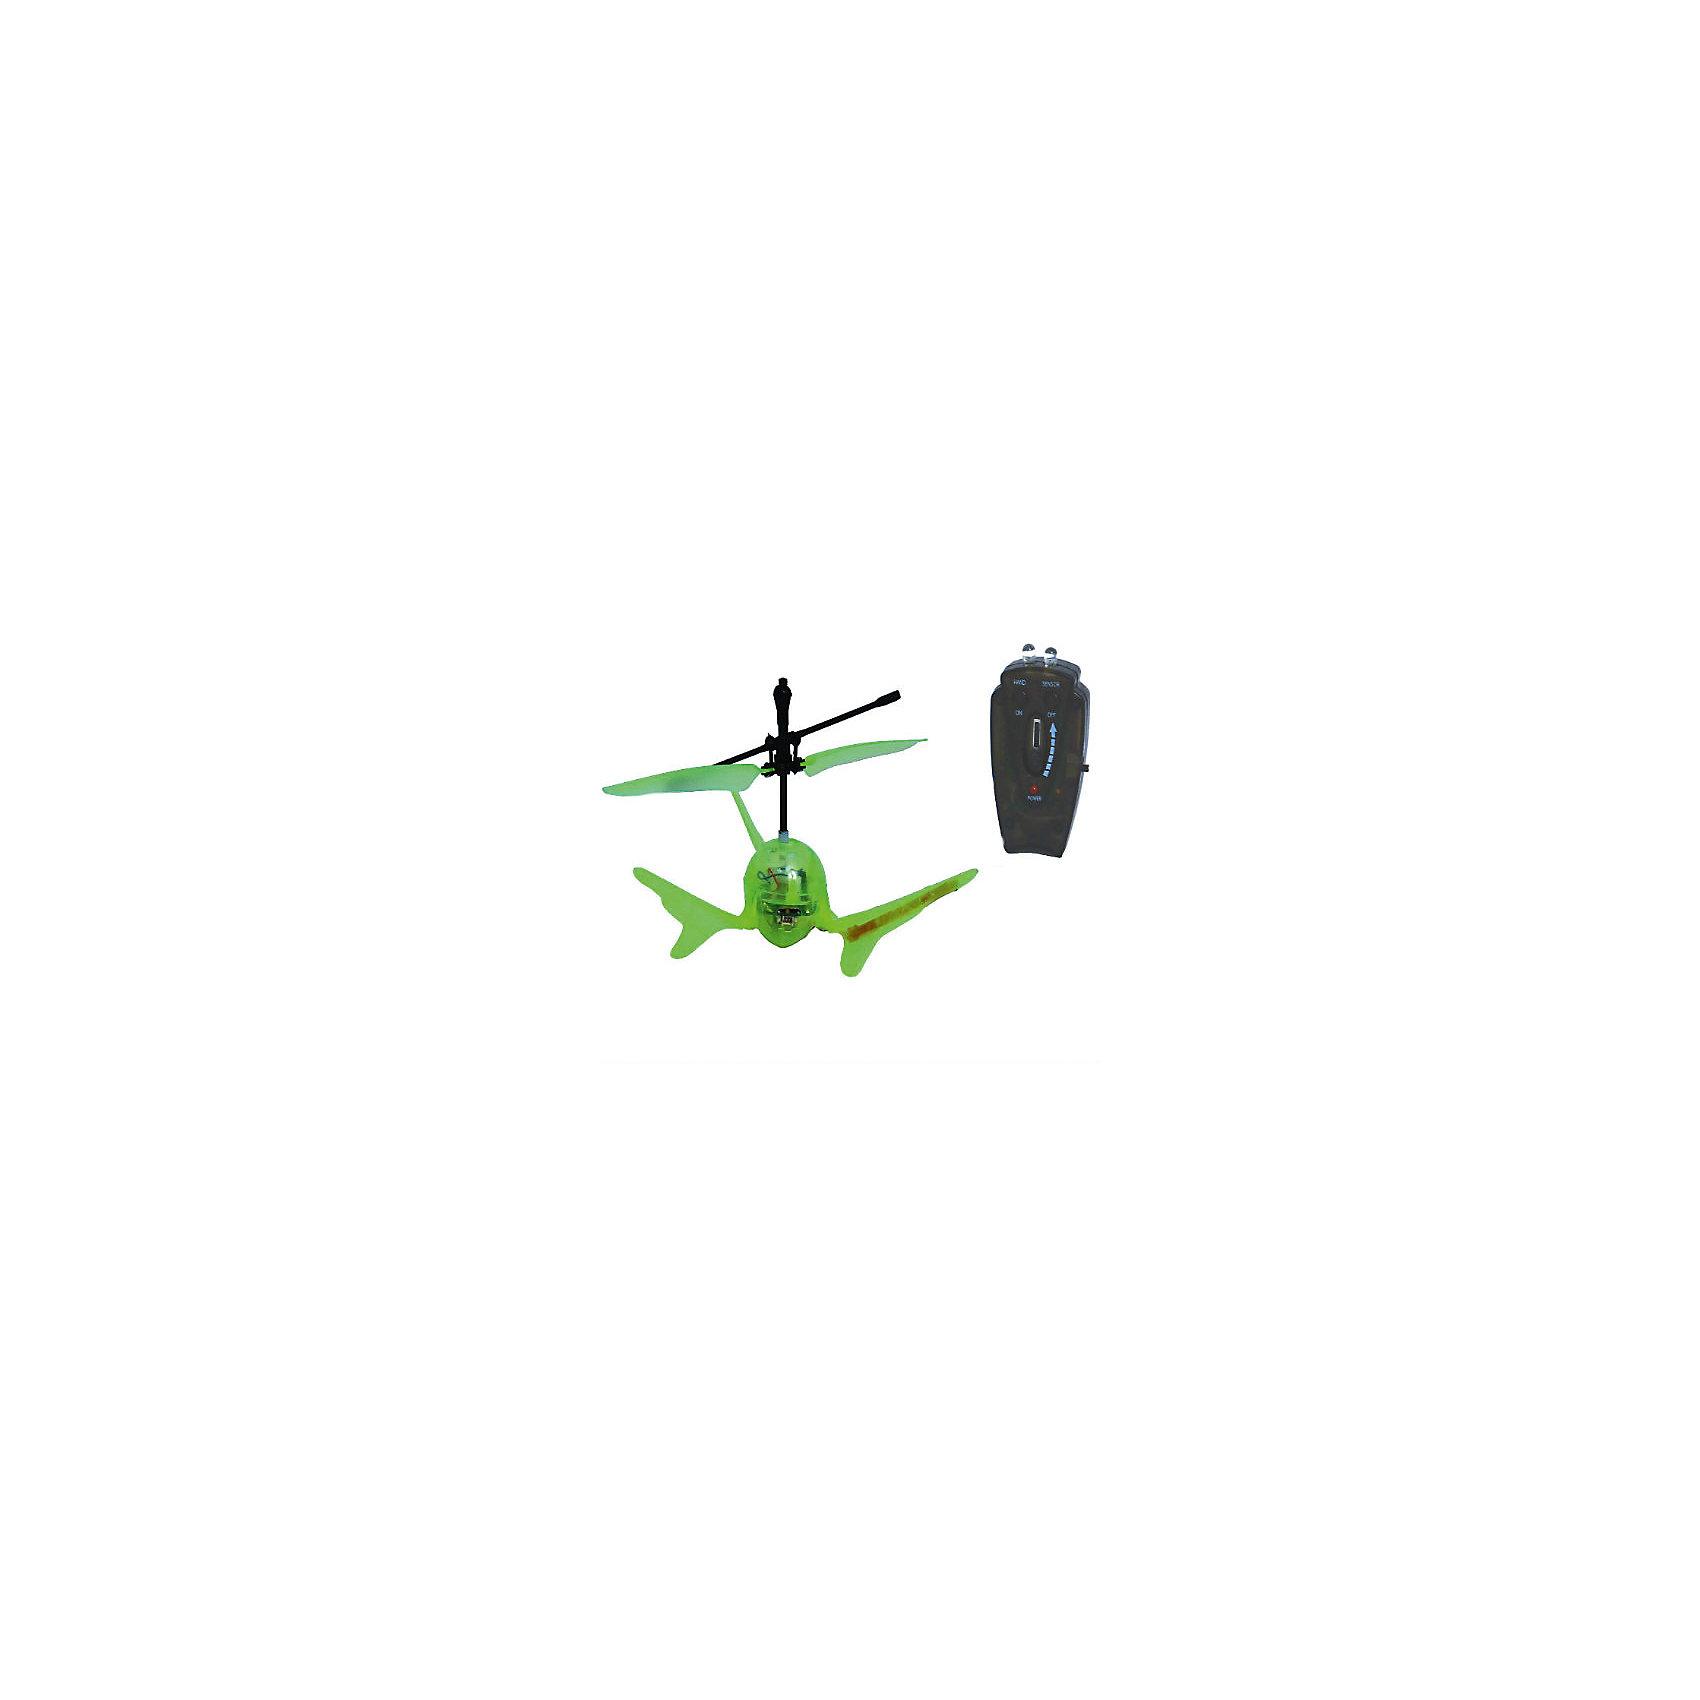 Вертолет Супер Светлячок на и/у со световыми эффектами, зеленый, Властелин небесРадиоуправляемый транспорт<br>Вертолет Супер Светлячок на и/у со световыми эффектами, зеленый, Властелин небес<br><br>Характеристики:<br><br>• вертолет очень похож на светлячка<br>• светится в темноте<br>• оригинальный дизайн и небольшие размеры<br>• поднимается вверх, опускается вниз и зависает в воздухе<br>• светящиеся сигнальные огни<br>• инфракрасное и сенсорное управление<br>• полная зарядка за 20 минут<br>• расстояние до пульта: 7 метров<br>• вертолет, аккумулятор 3,7V, зарядное устройство<br>• размер вертолета: 9х5х5 см<br>• материал: пластик, металл<br>• вес: 319 грамм<br>• размер упаковки: 15х29,5х16 см<br>• вес: 800 грамм<br>• батарейки для пульта: 3xAA / LR06 1.5V ( в комплекте)<br>• батарейки для зарядного устройства: 8xAA / LR06 1.5V ( в комплект не входят)<br>• цвет: зеленый<br><br>Супер Светлячок - забавный вертолет на инфракрасном управлении. Своим видом он напоминает маленького светлячка. Также, подобно светлячку, вертолет светится в темноте и освещает помещение сигнальными огнями. Супер Светлячок умеет летать вверх и вниз, а также зависает в воздухе. Есть возможность выбора управления: сенсорное и ручное. Время полета составляет до 10 минут, время полной подзарядки - 20 минут. Вертолет может летать на расстоянии до 7 метров от пульта управления. Супер Светлячок очарует своими огоньками и детей, и взрослых!<br>Для работы необходимы батарейки.<br><br>Вертолет Супер Светлячок на и/у со световыми эффектами, зеленый, Властелин небес можно купить в нашем интернет-магазине.<br><br>Ширина мм: 130<br>Глубина мм: 185<br>Высота мм: 155<br>Вес г: 320<br>Возраст от месяцев: 108<br>Возраст до месяцев: 2147483647<br>Пол: Мужской<br>Возраст: Детский<br>SKU: 5397086